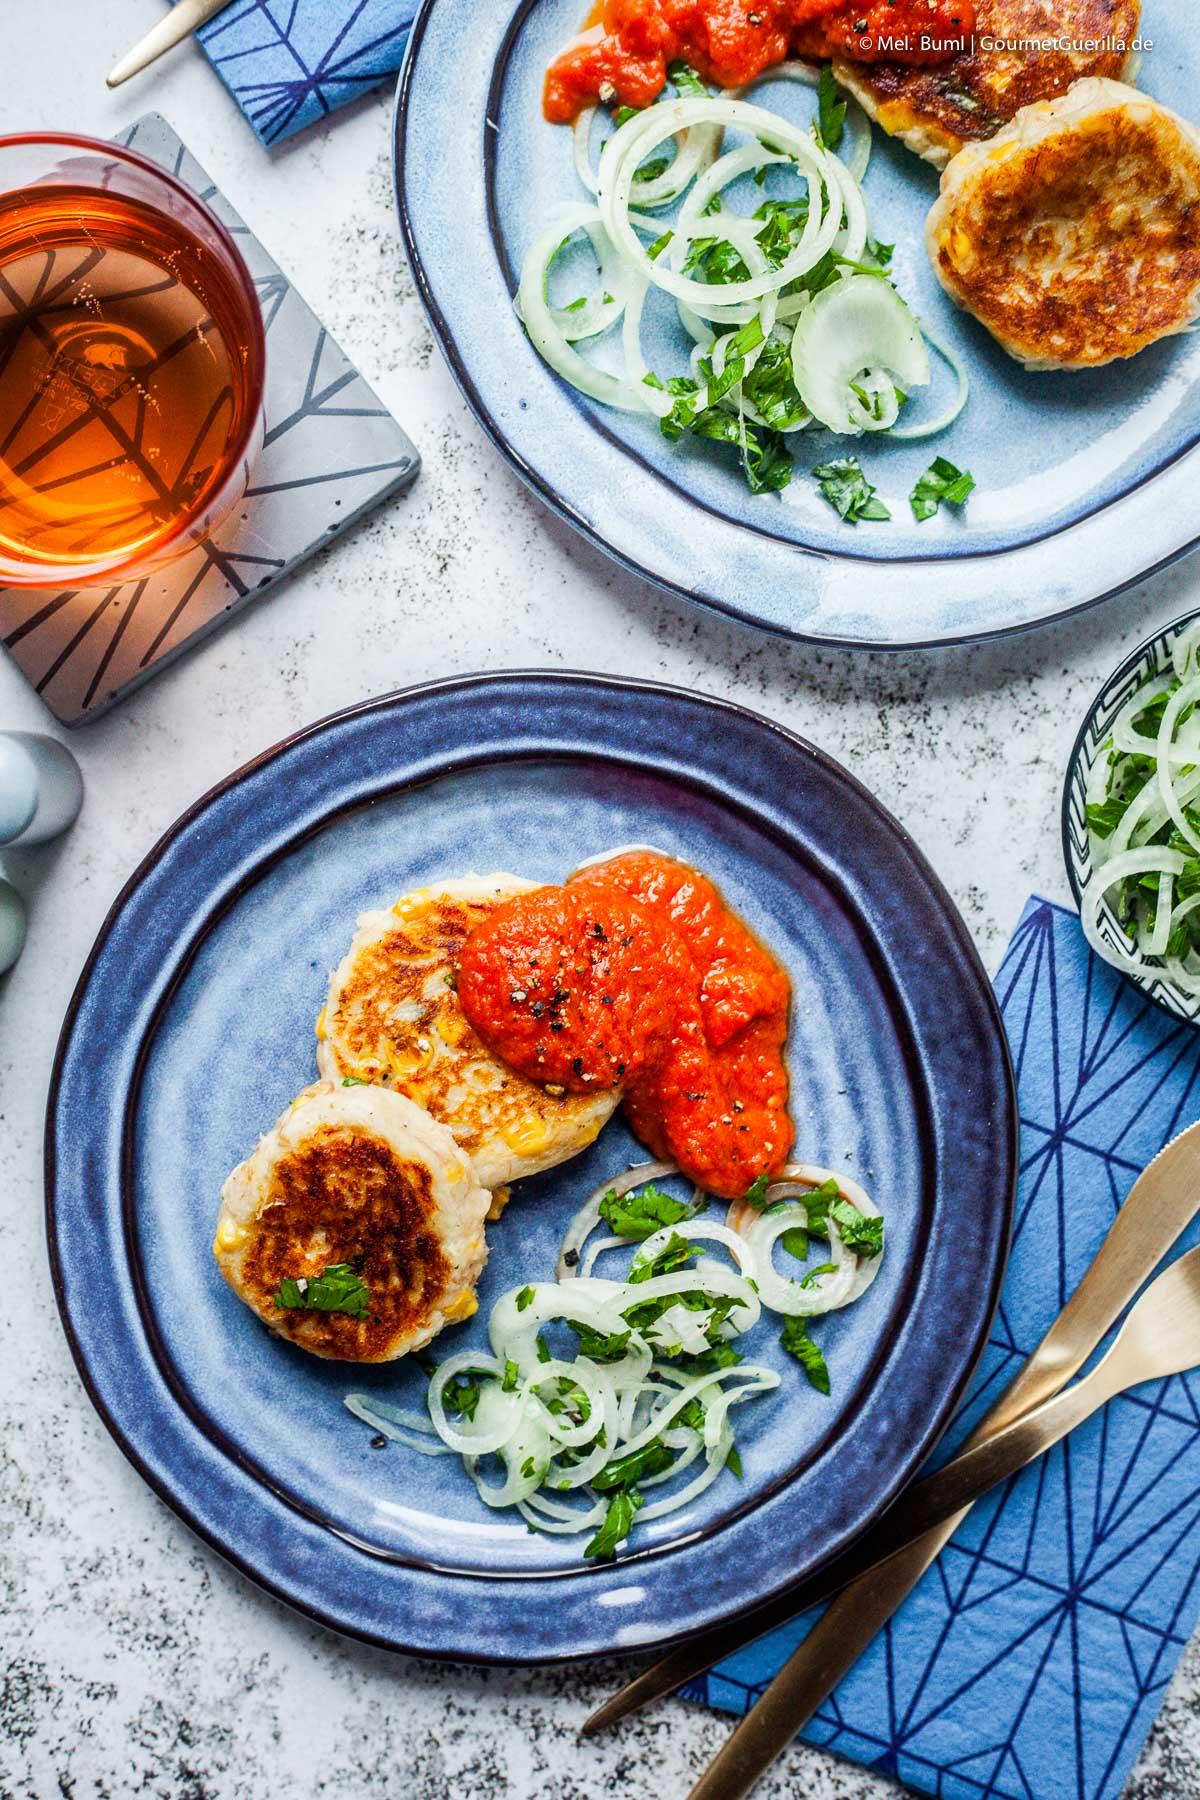 Kartoffel-Thunfisch-Küchlein mit Tomatensoße und Zwiebelsalat |GourmetGuerilla.de